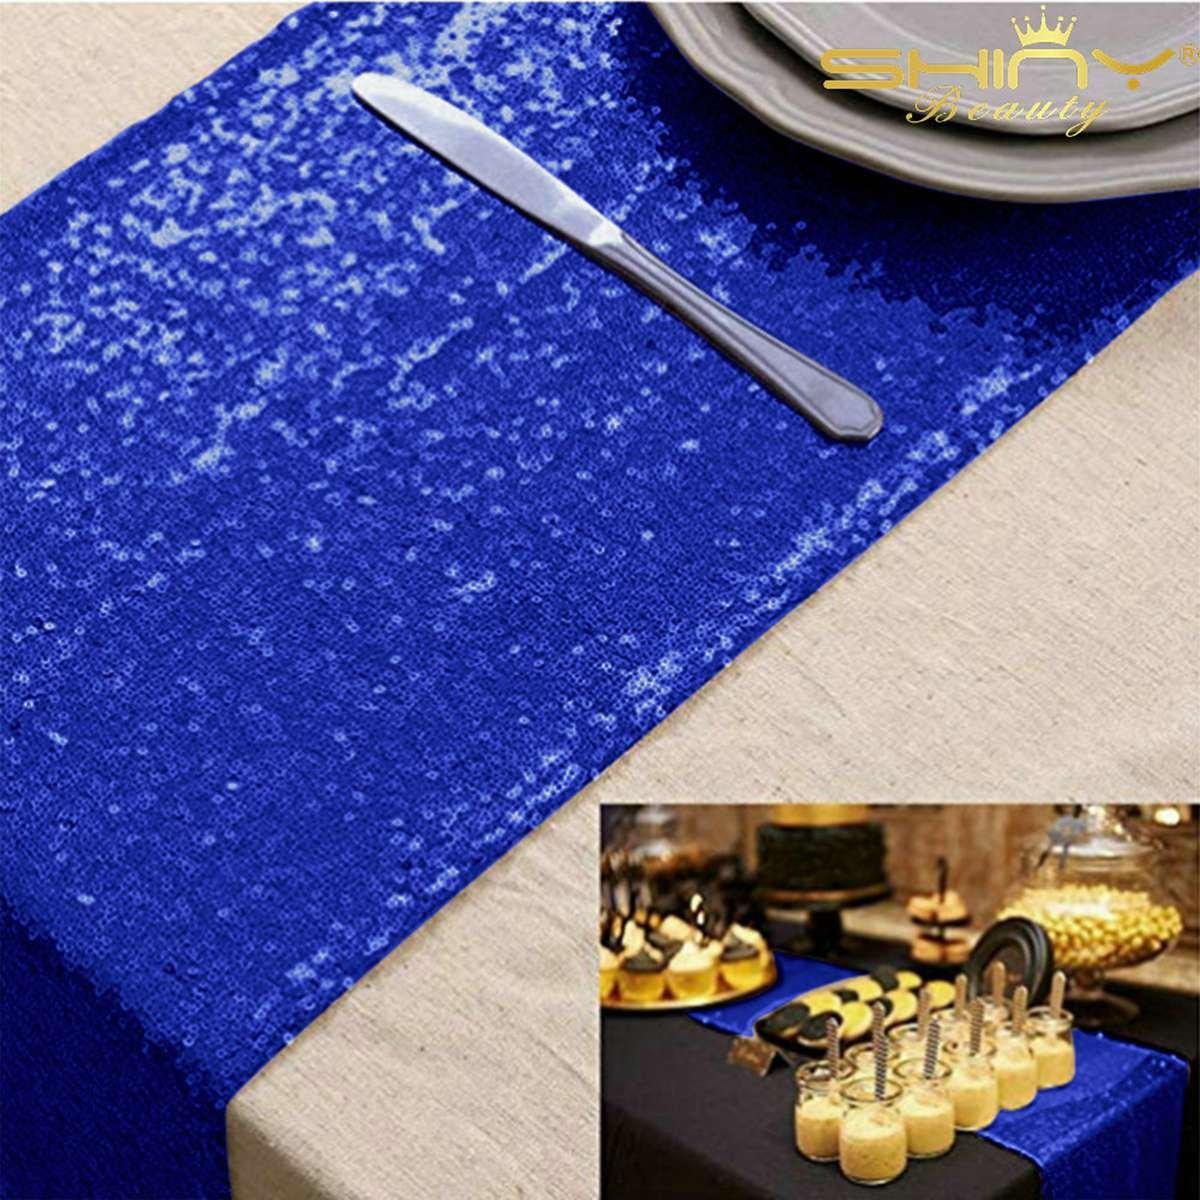 スパンコールテーブルランナー ゴールドテーブルランナー 10枚パック 16歳の誕生日パーティー用品 卒業パーティー用品 2019~M0104 12x72-Inch ブルー Sequeen Table Runnes 12x72-Inch ロイヤルブルー B07JFT67HD